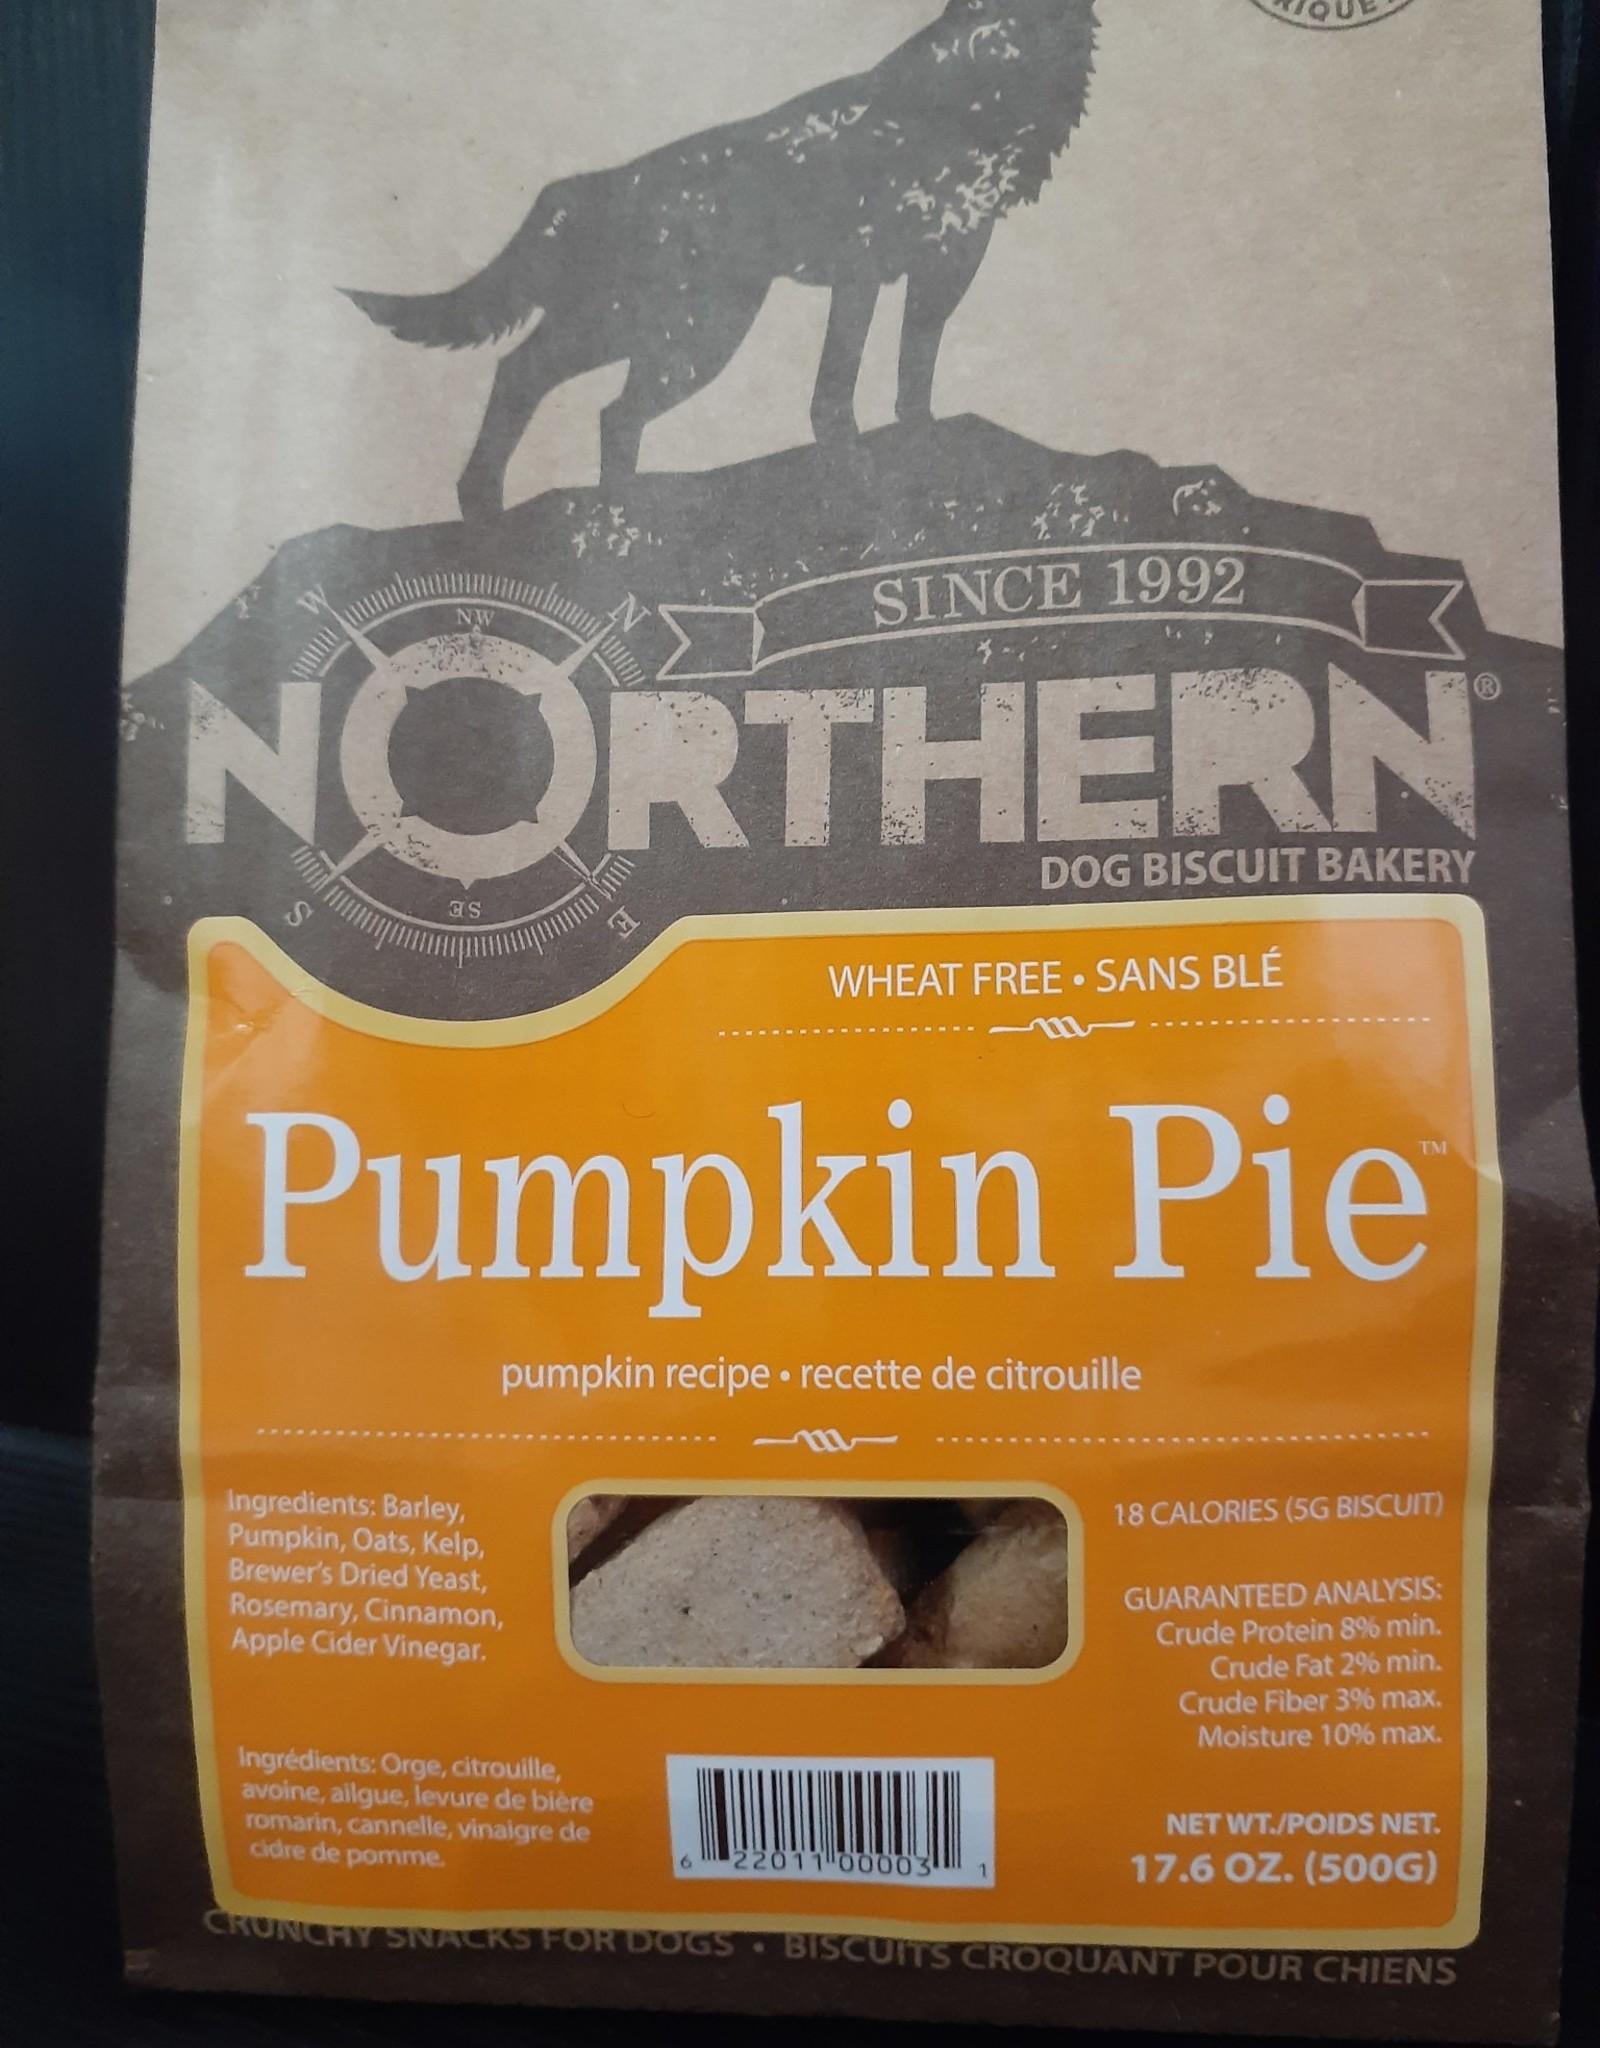 northern biscuits Northern Biscuits 500g Pumpkin Pie